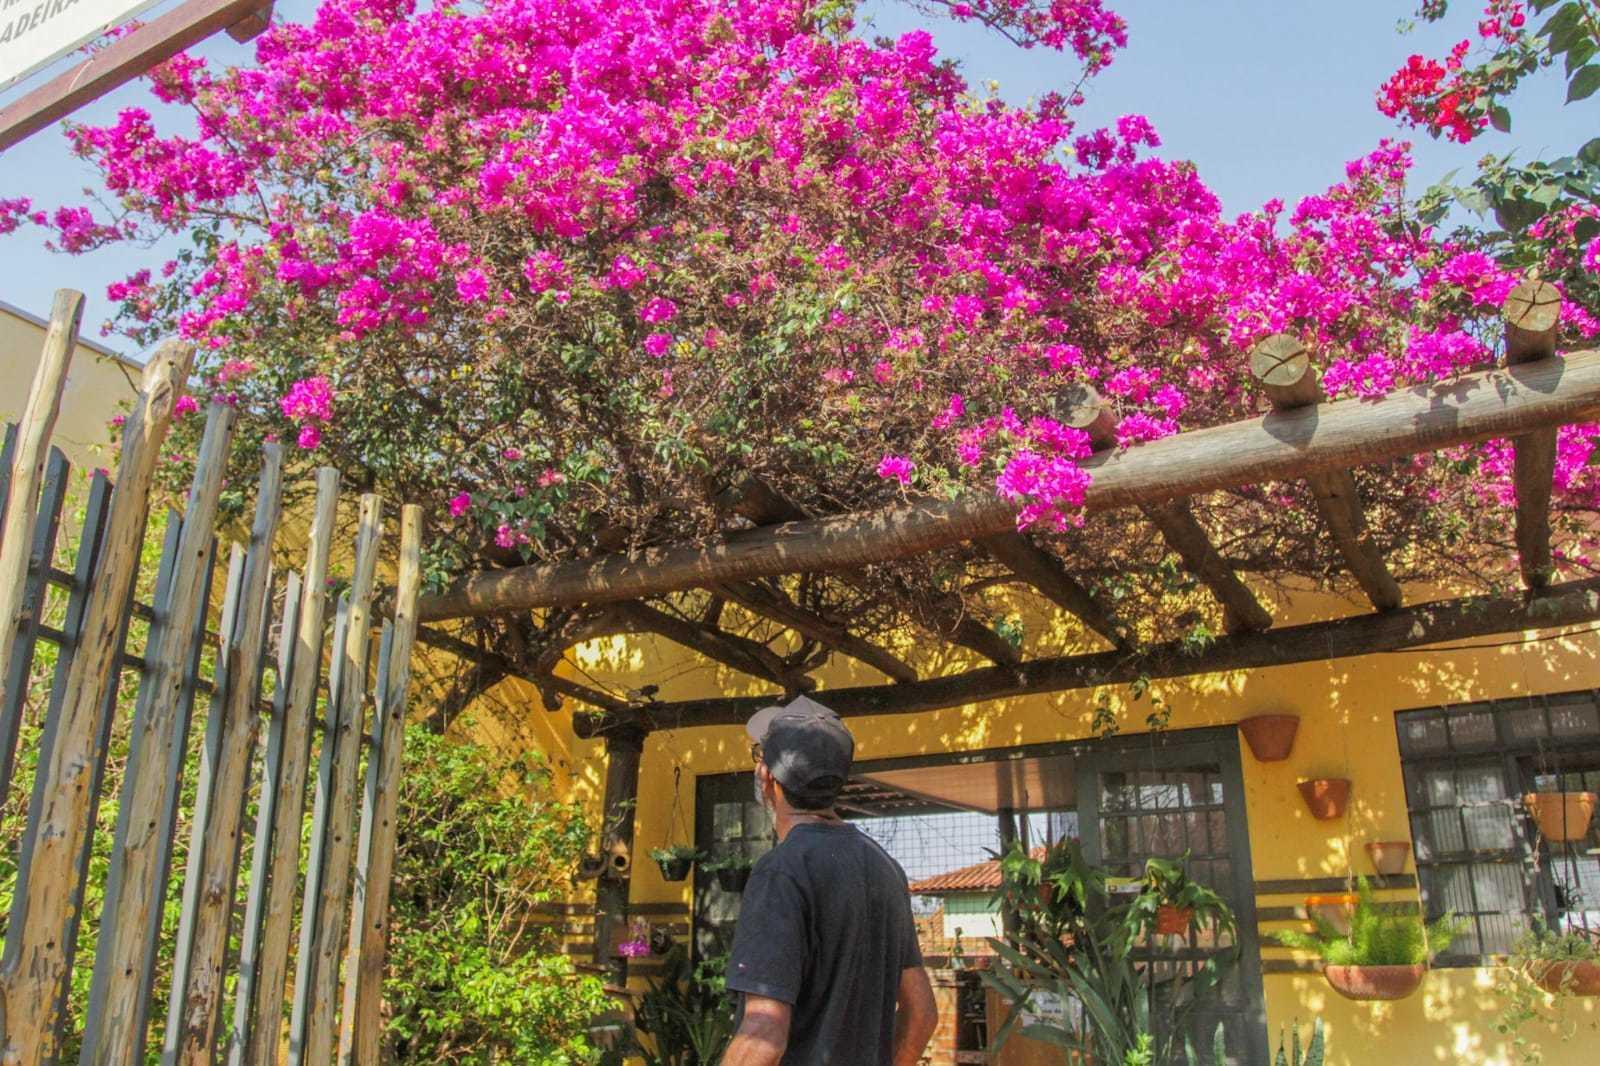 Morador admirando a florada da primavera (Foto: Marcos Maluf)